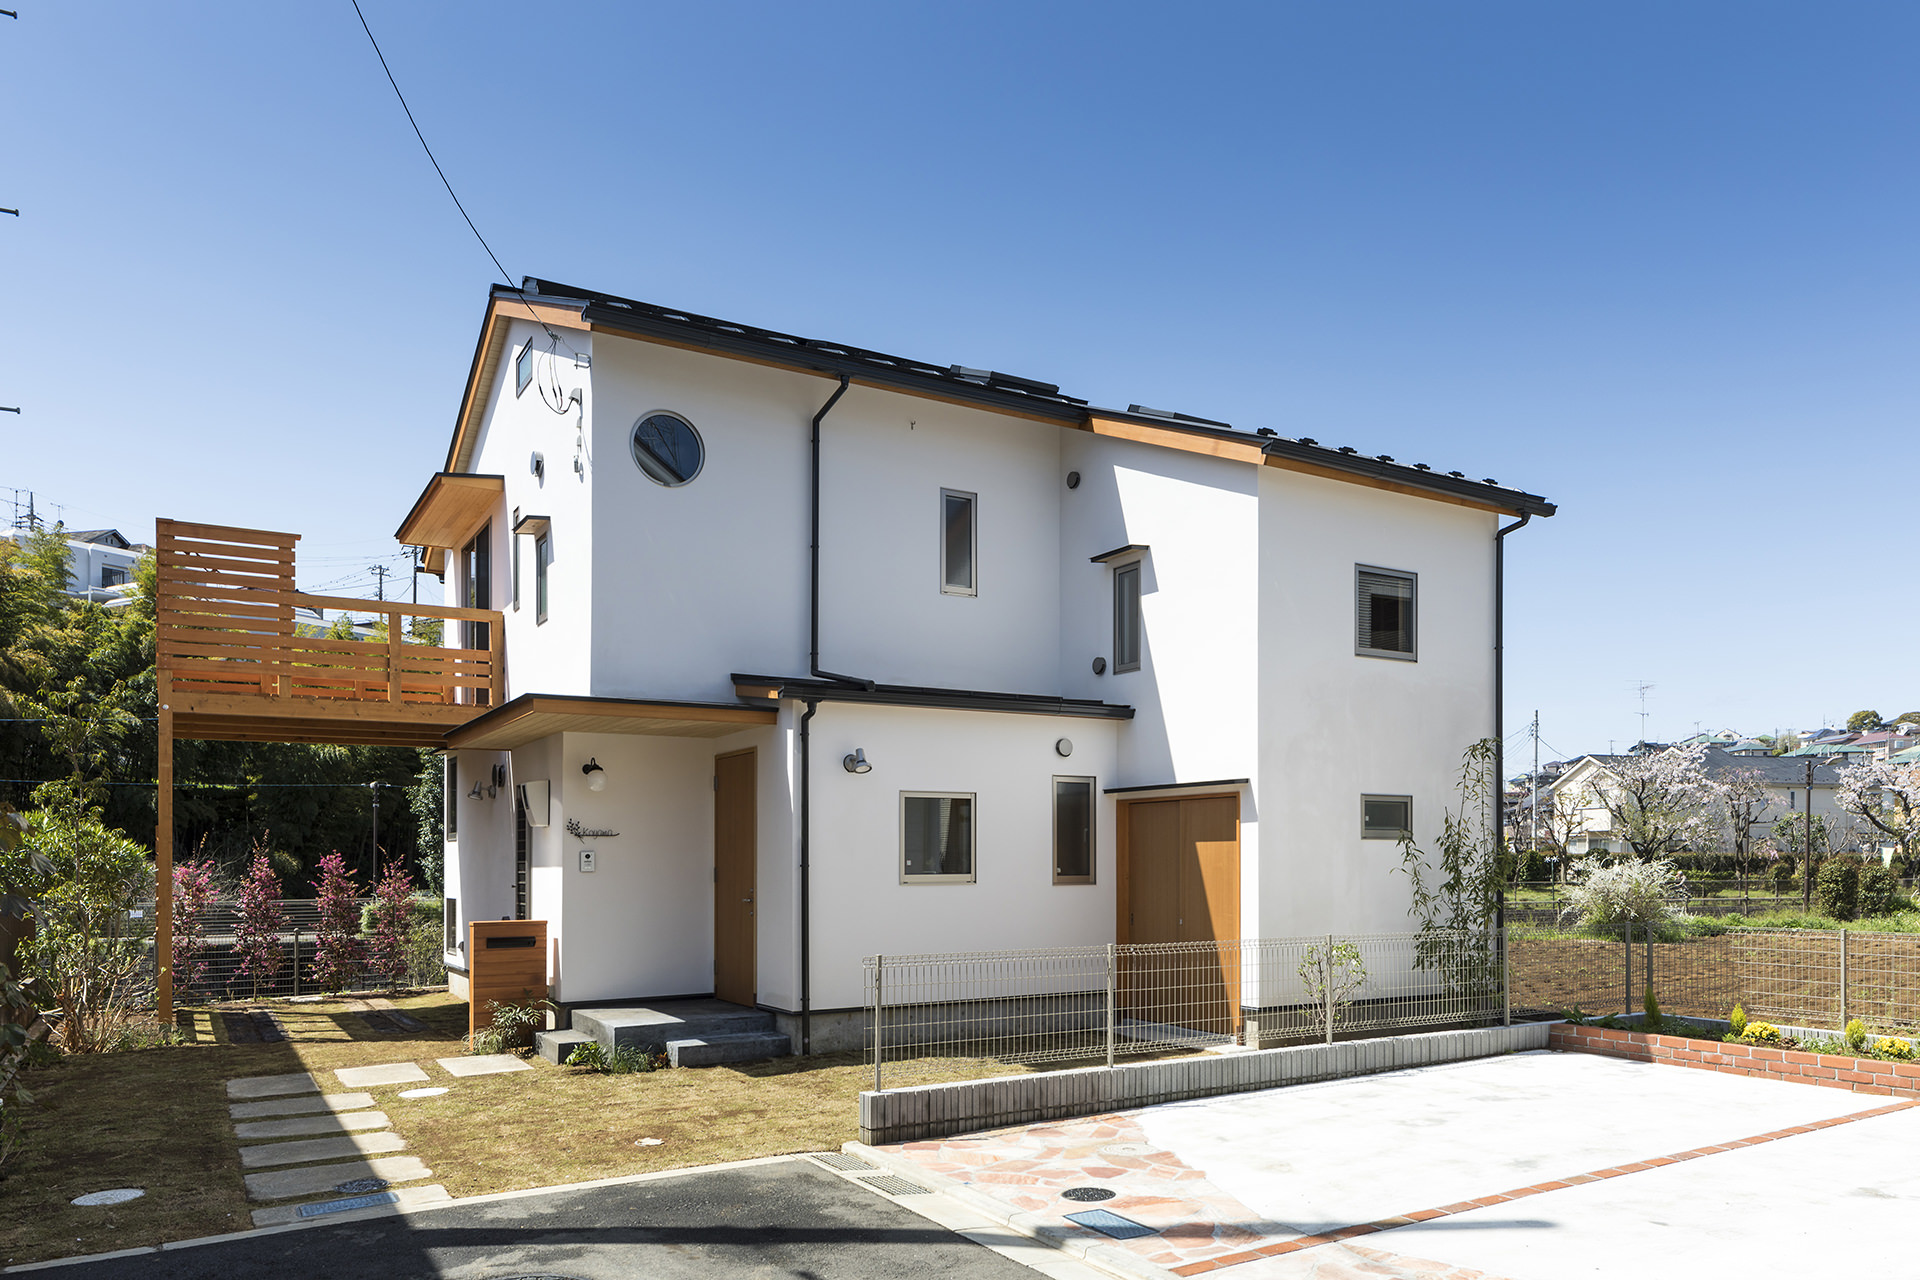 鶴川の家 Ⅳ イメージ2 撮影:東涌写真事務所・東涌宏和